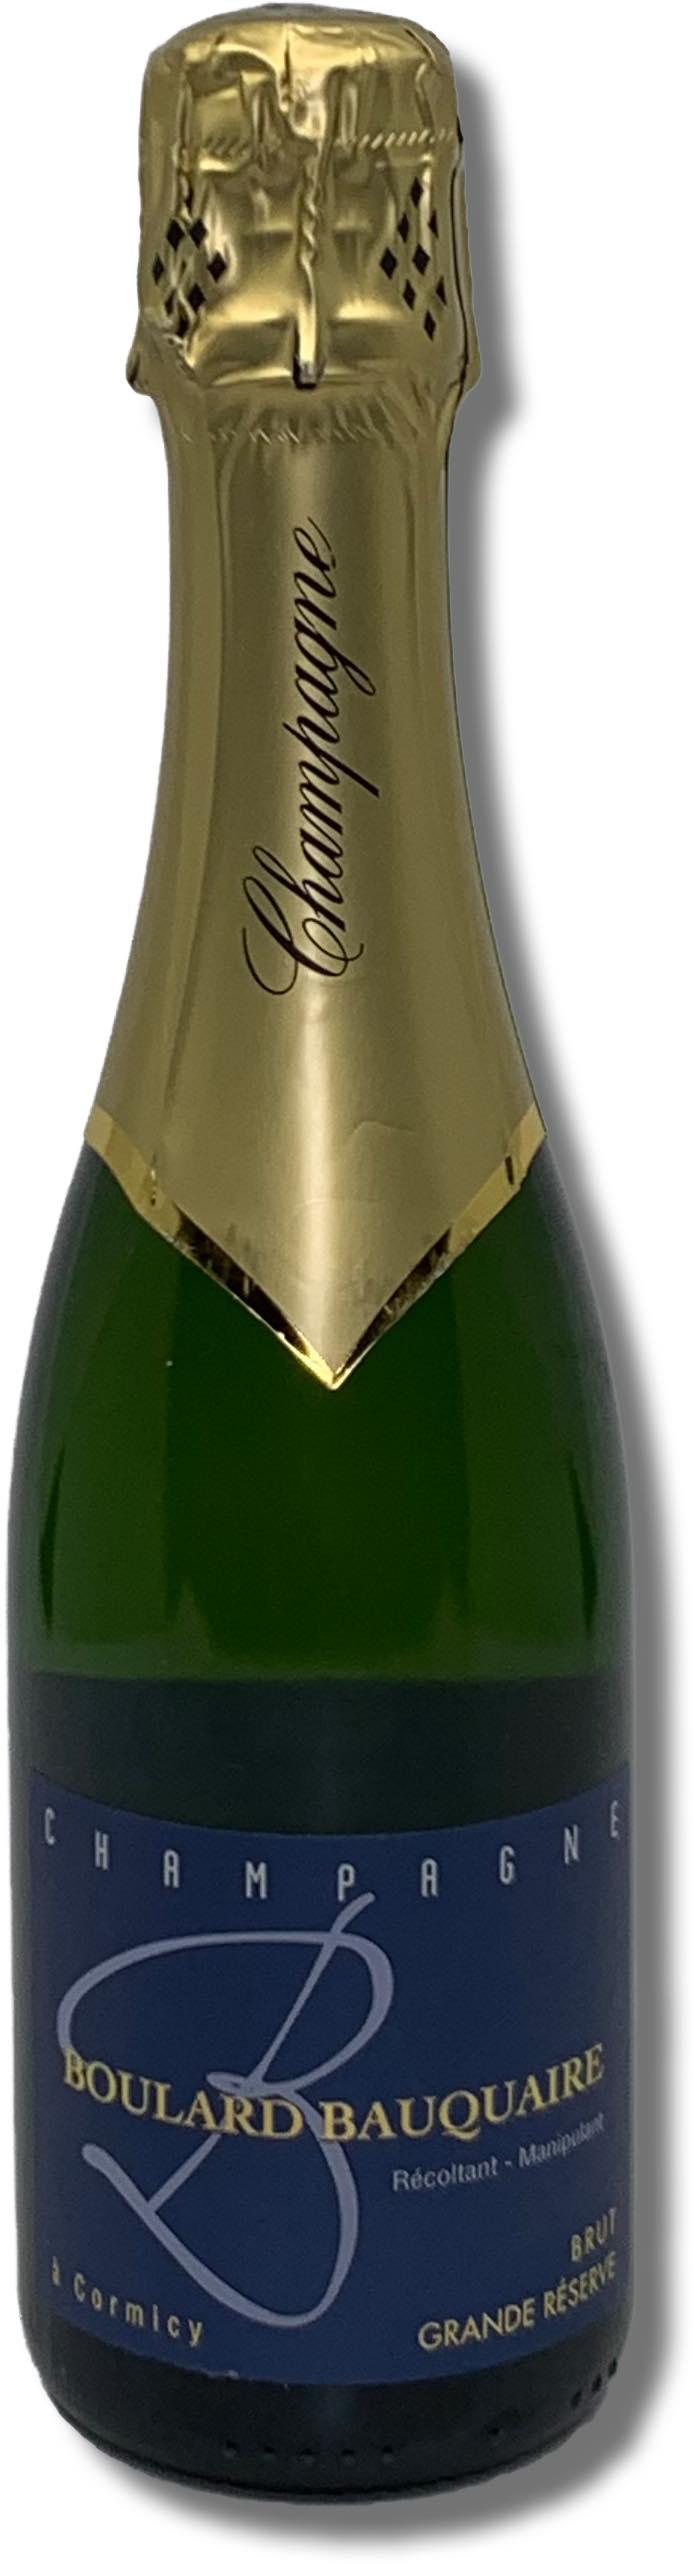 Brut Grande Réserve Champagner, 3,75dl